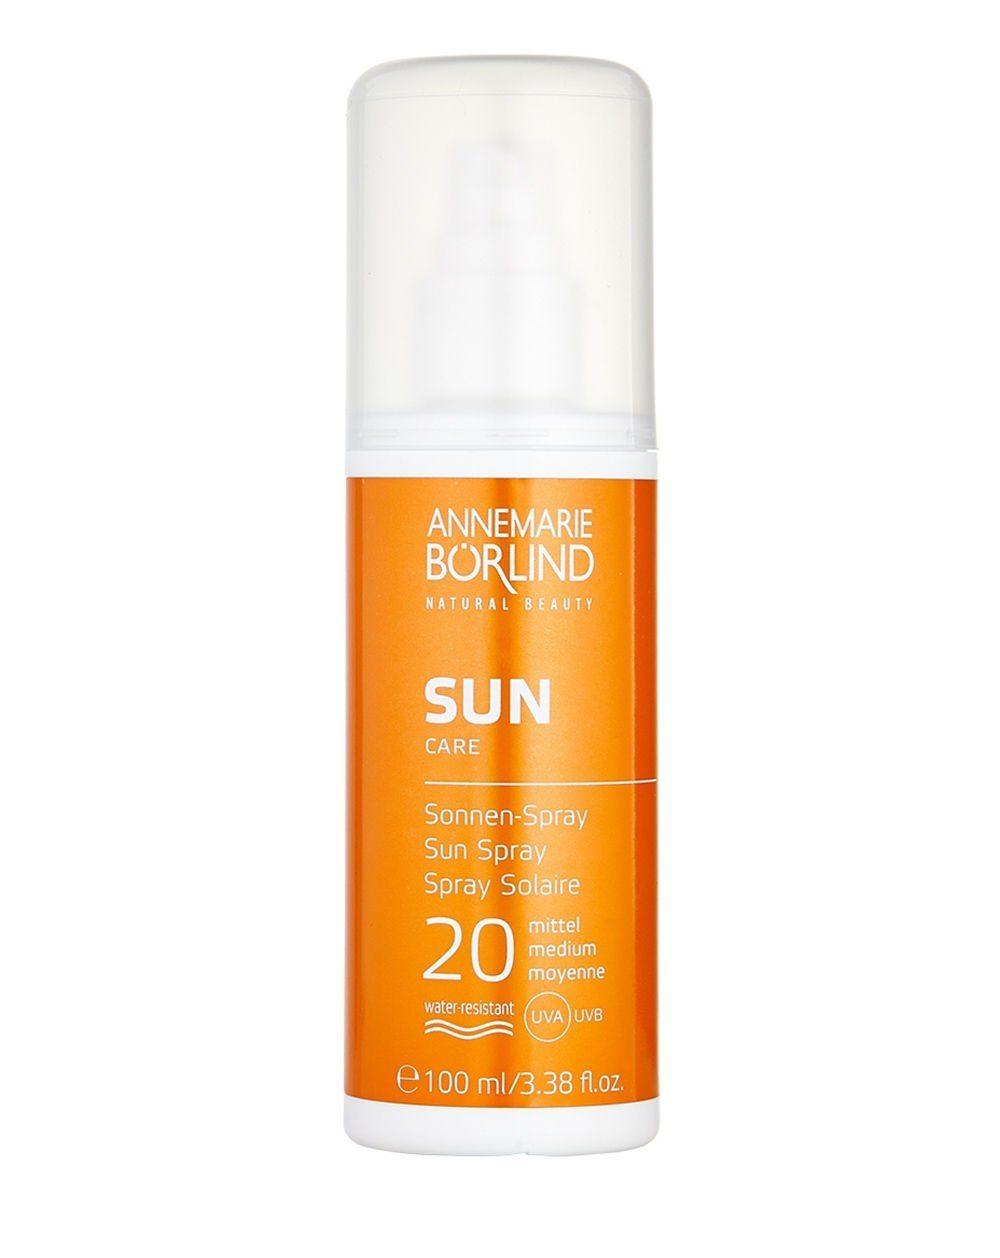 Annemarie Börlind Sonnenspray »Sun Sonnen-Spray Lsf20«